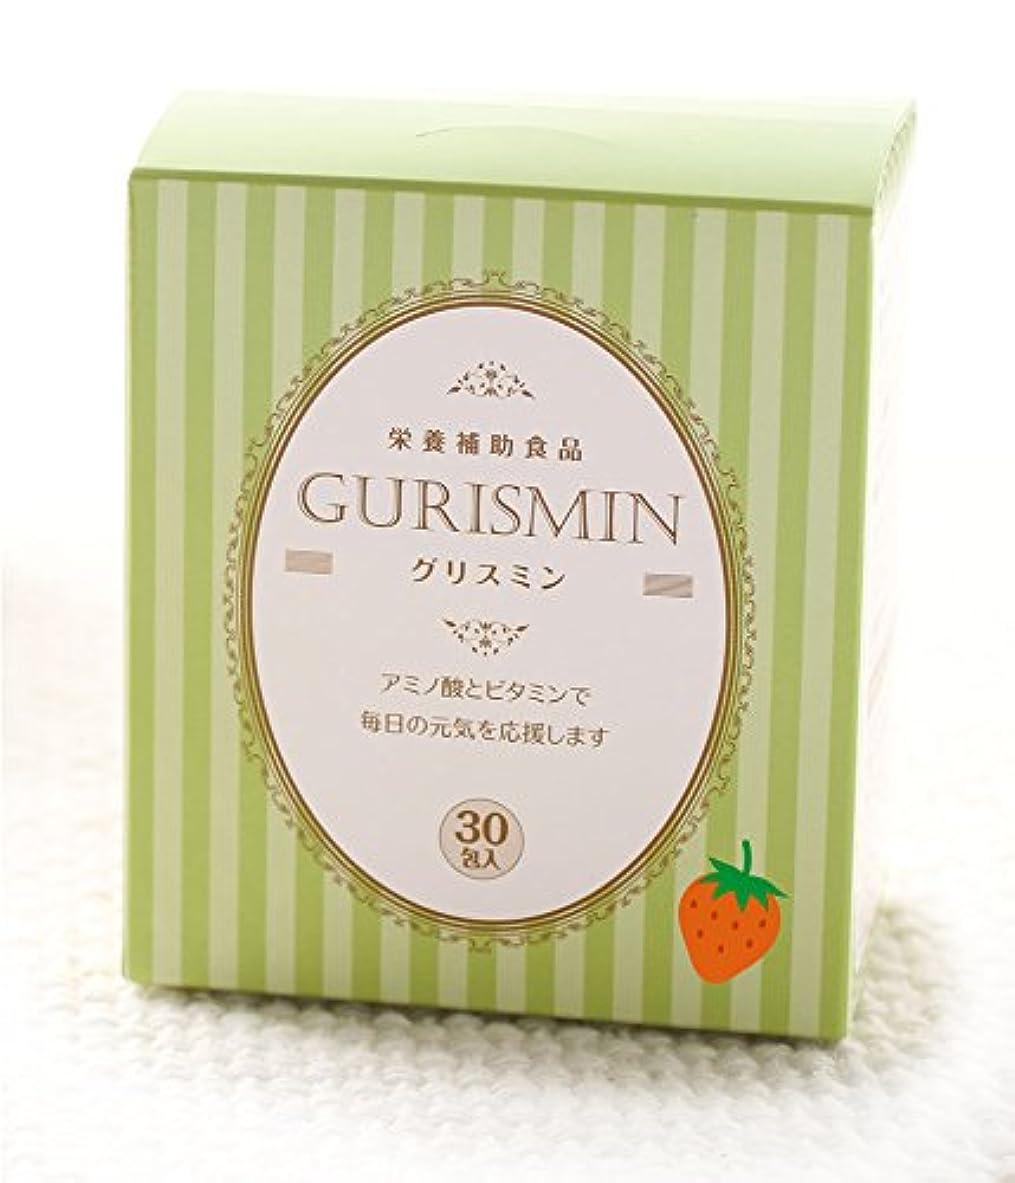 慣らす工業用エミュレーショングリスミン いちごヨーグルト味 30包入